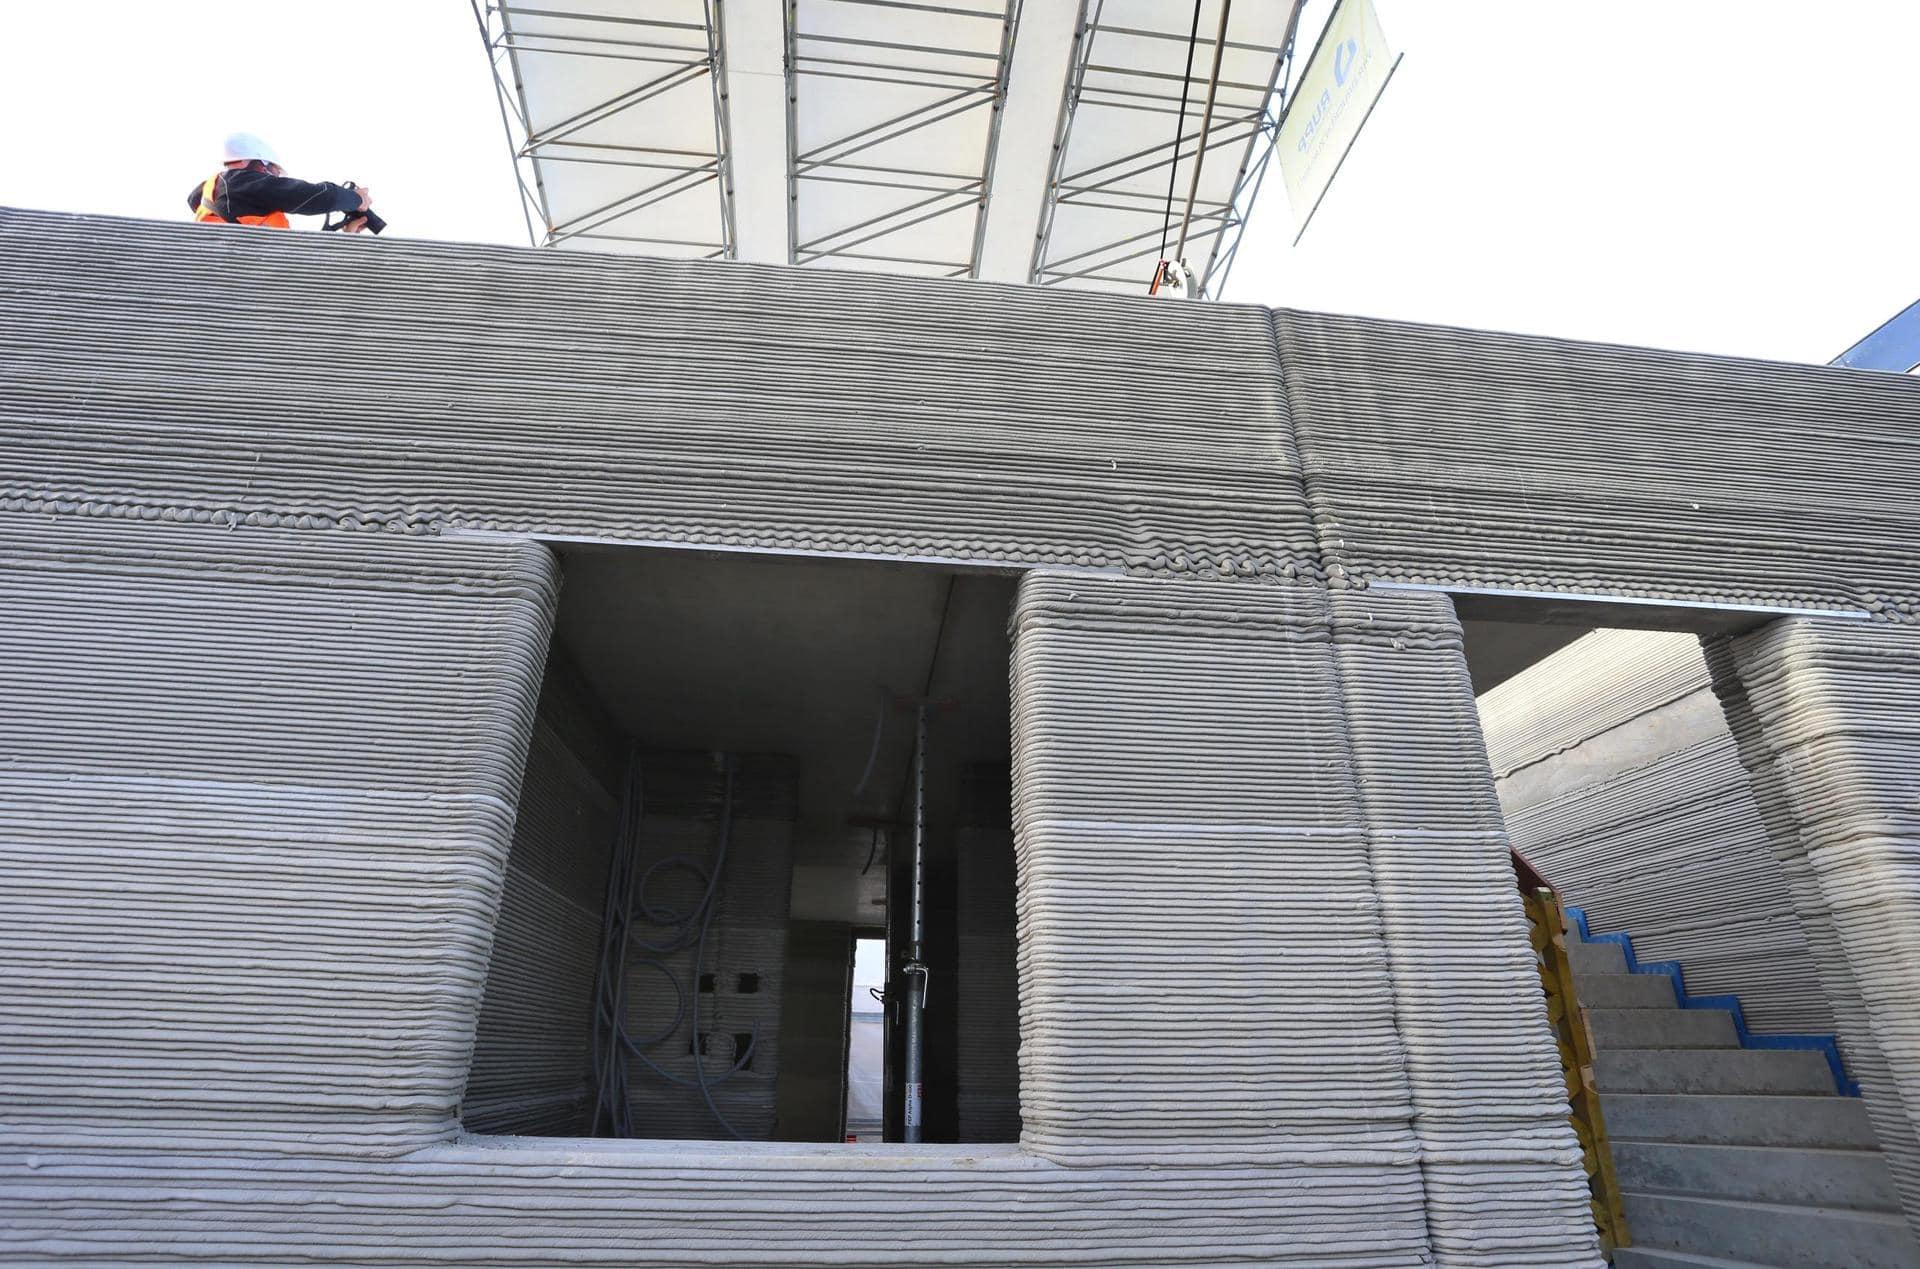 Unternehmen baut Mehrfamilienhaus mit dem 3D-Betondrucker Das größte gedruckte Wohnhaus Europas